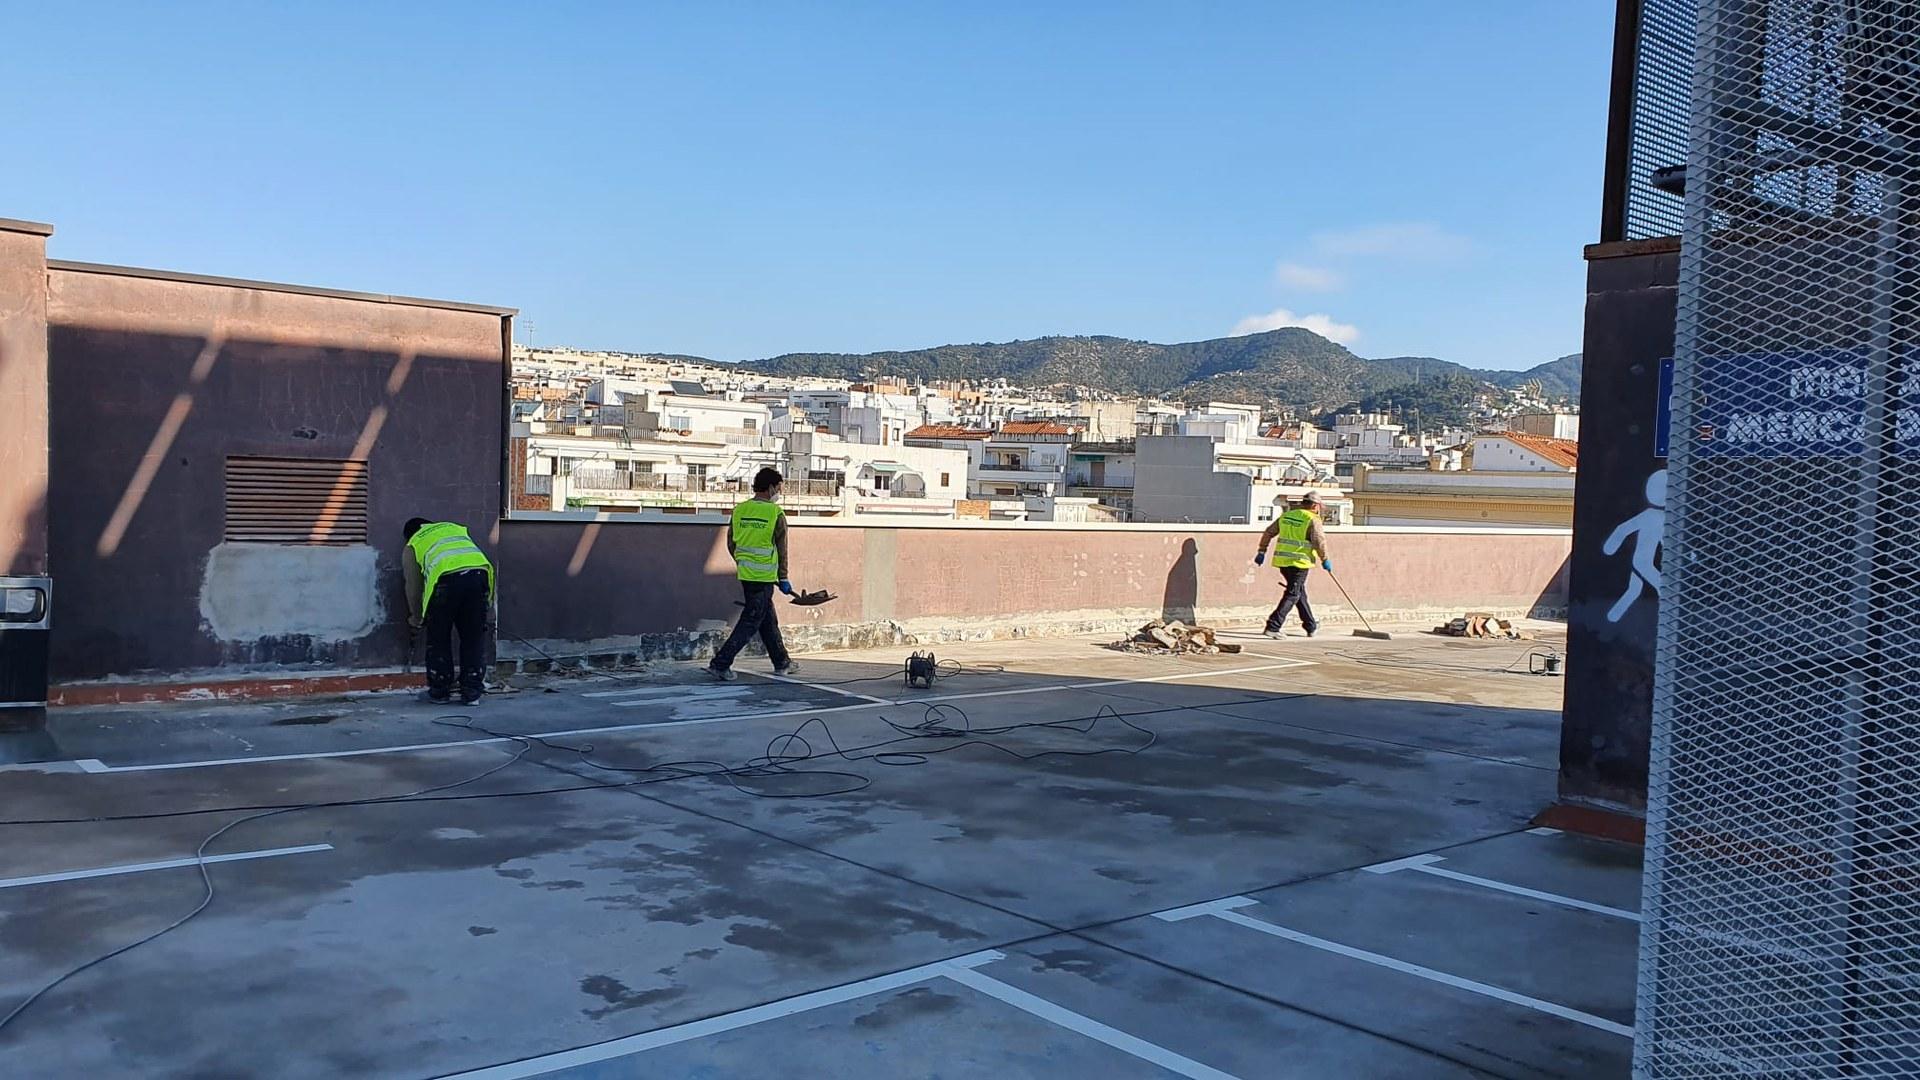 S'inicien avui les obres del Mercat Municipal de Sitges